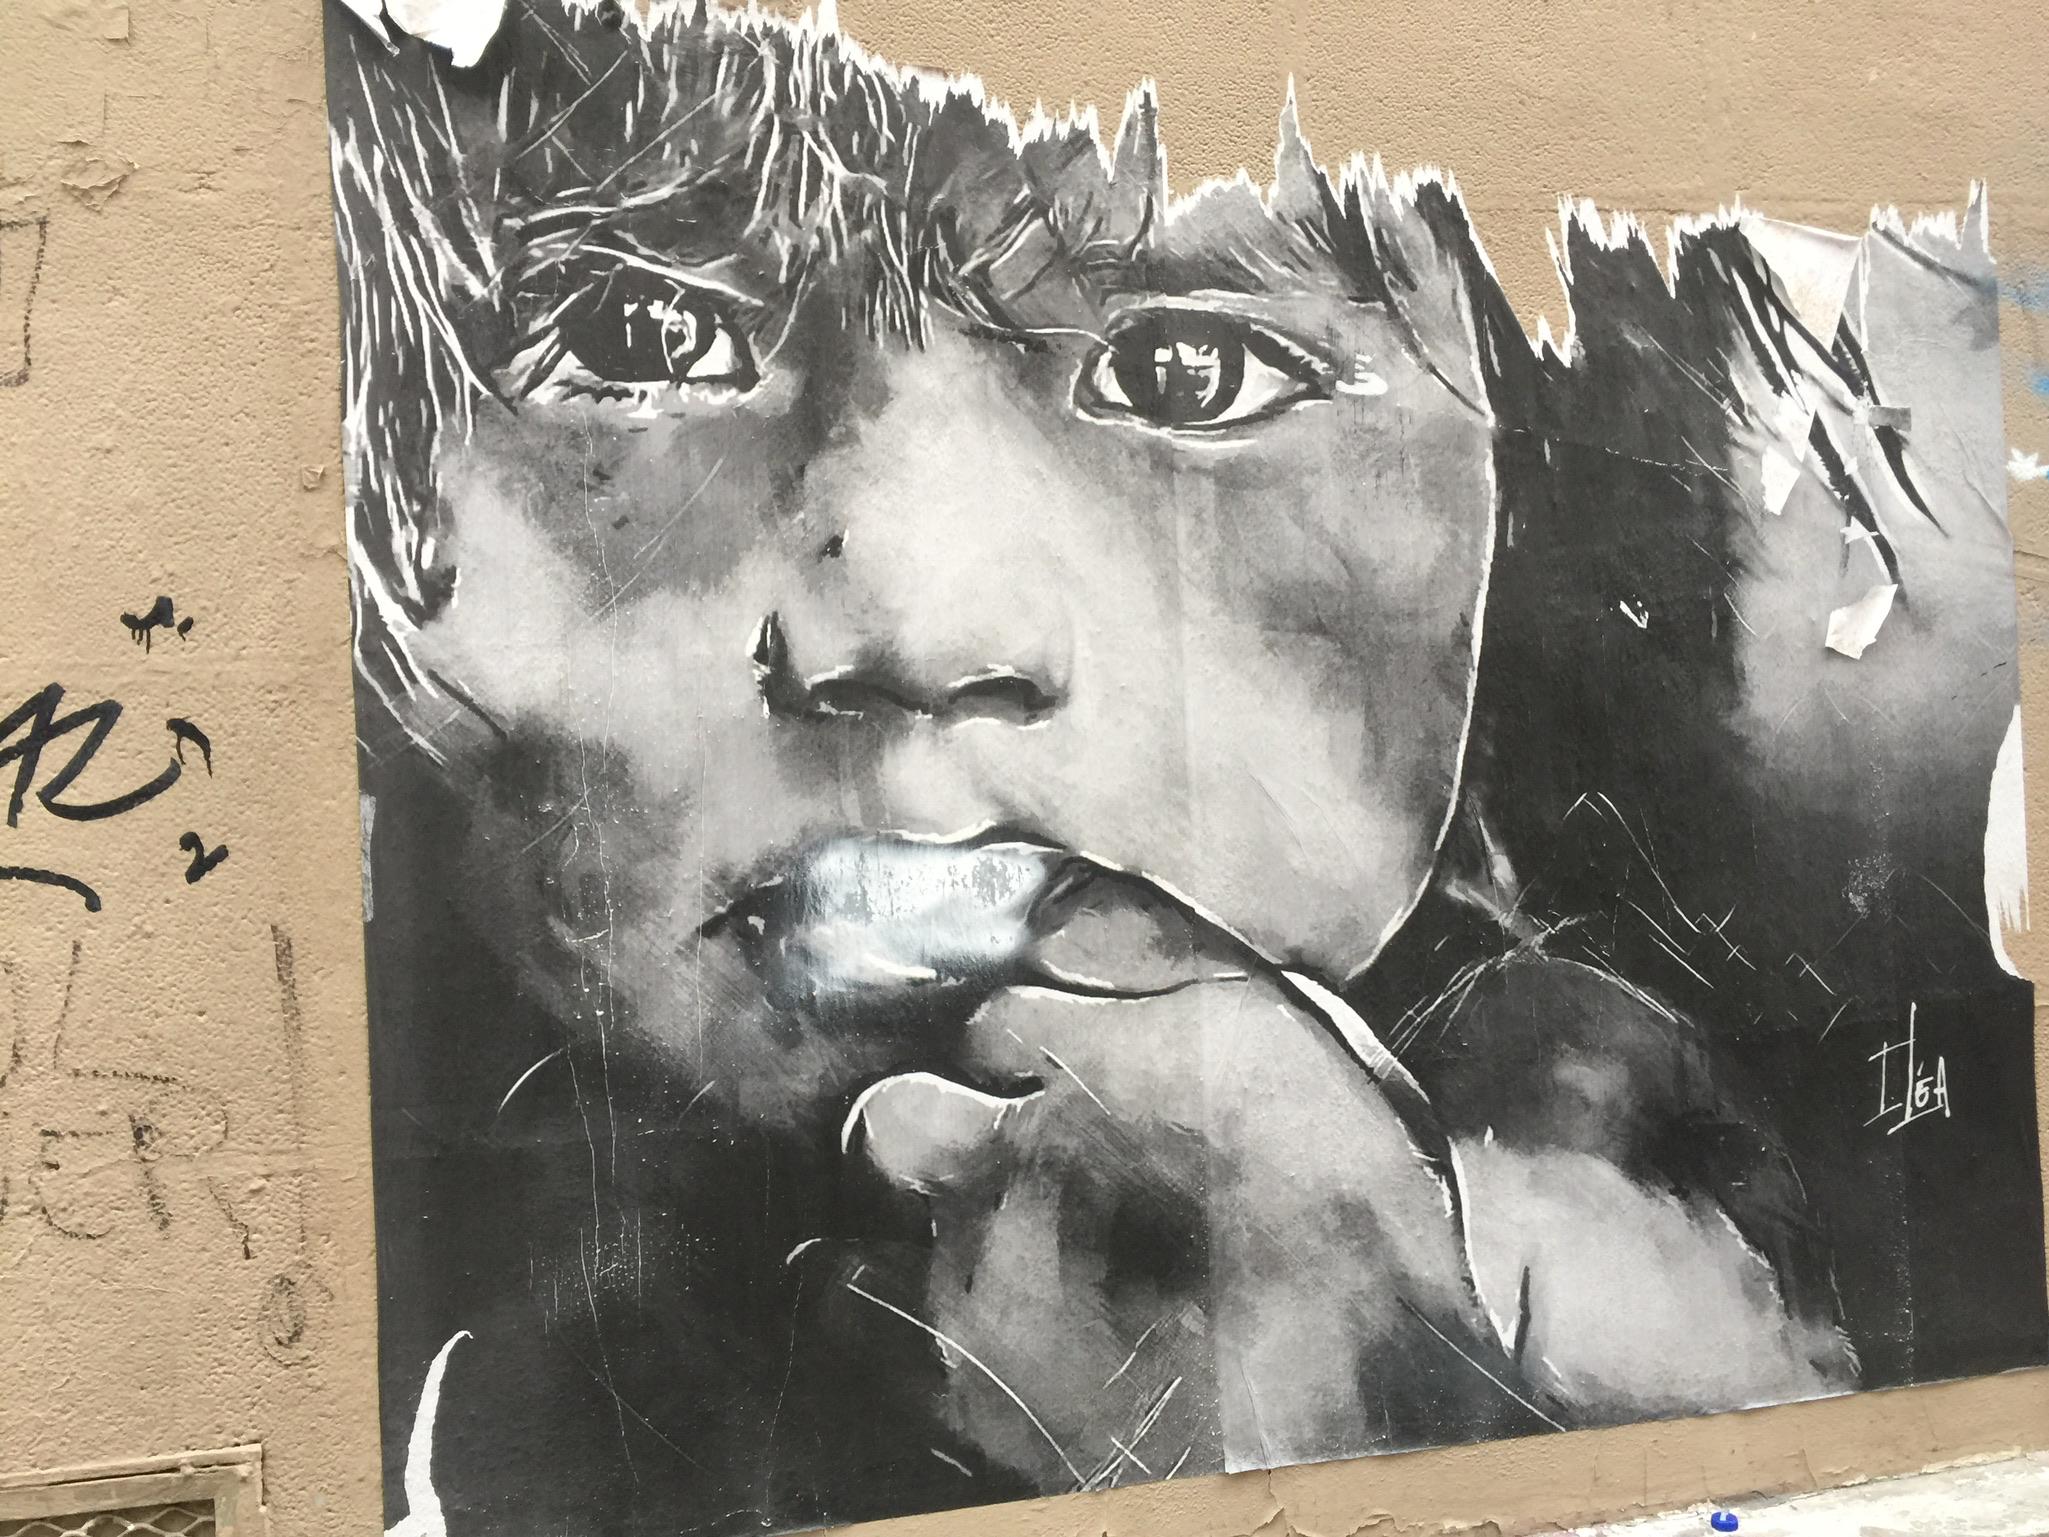 Street art in western Paris.